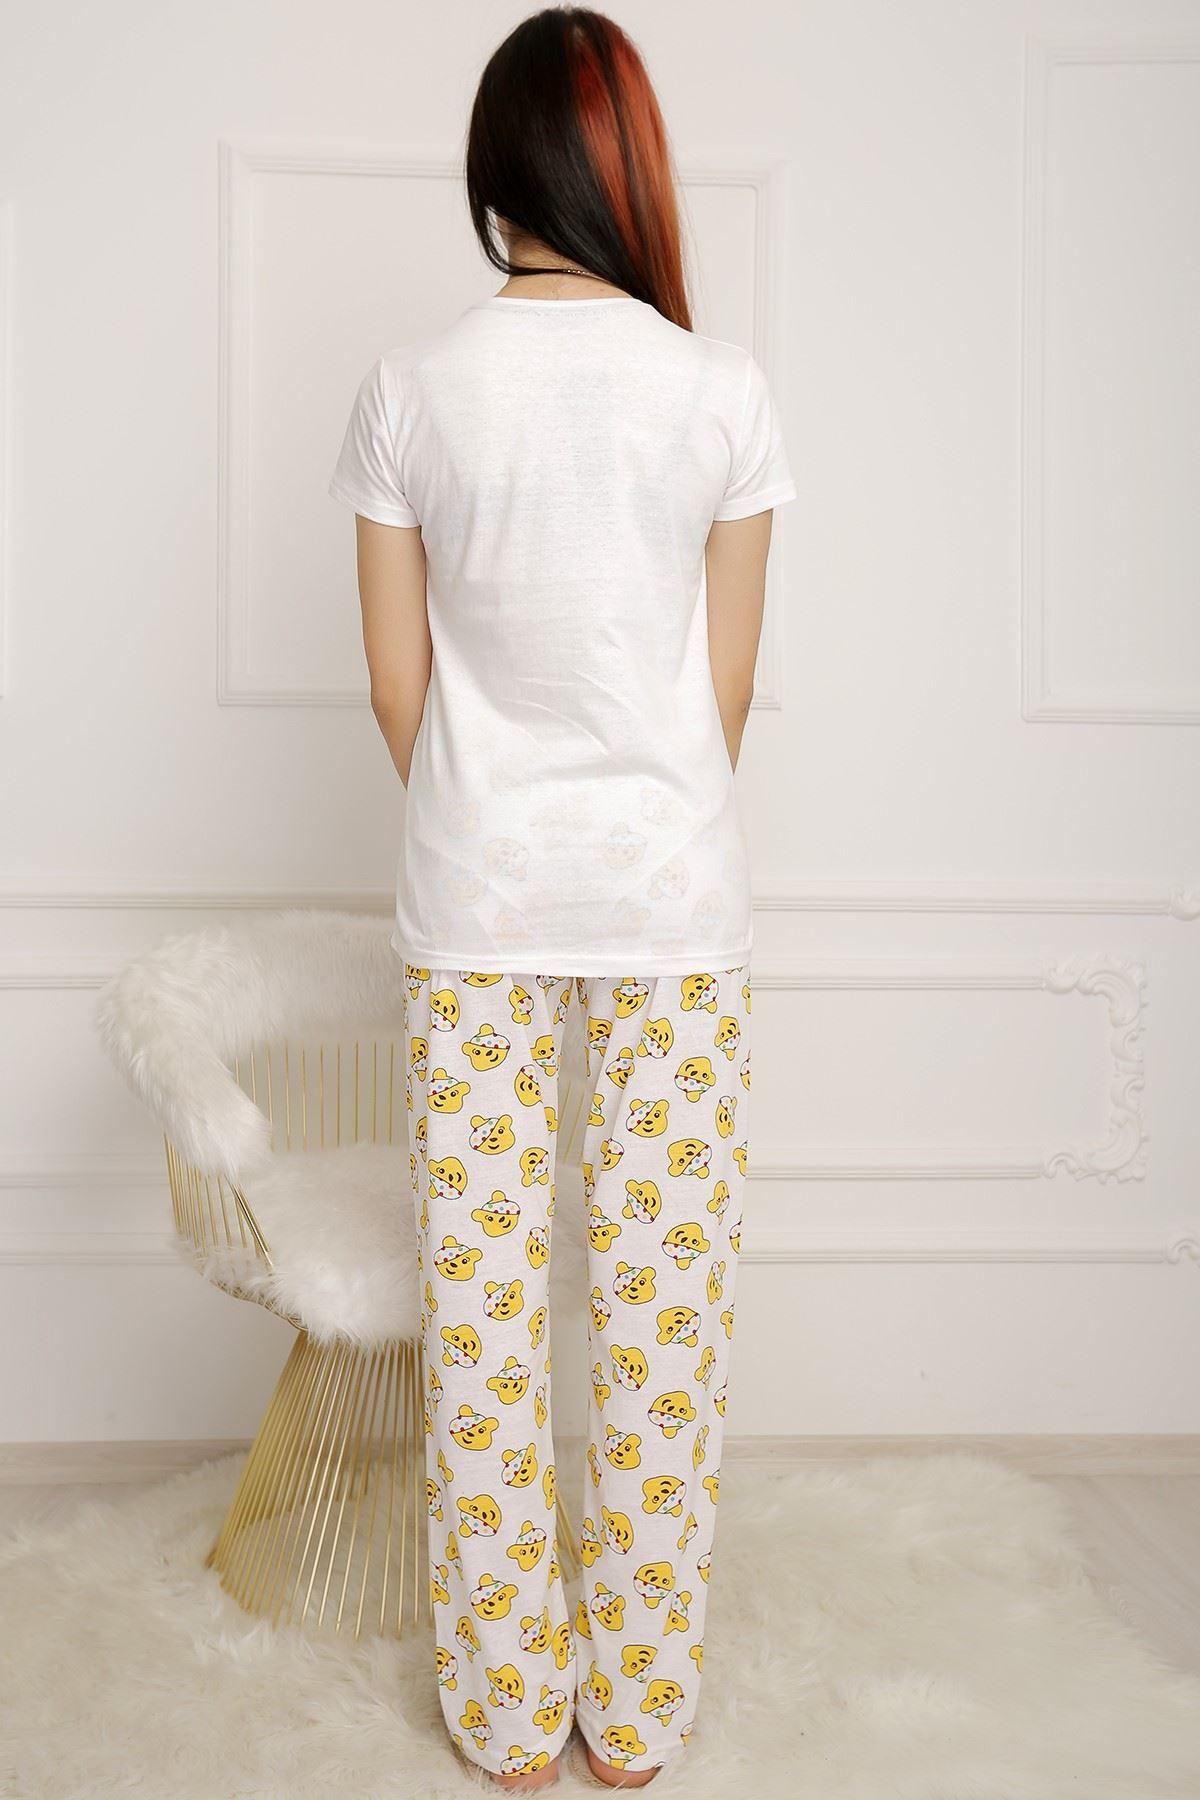 Kadın Pijama Takımı Beyaz - 2501.1059.